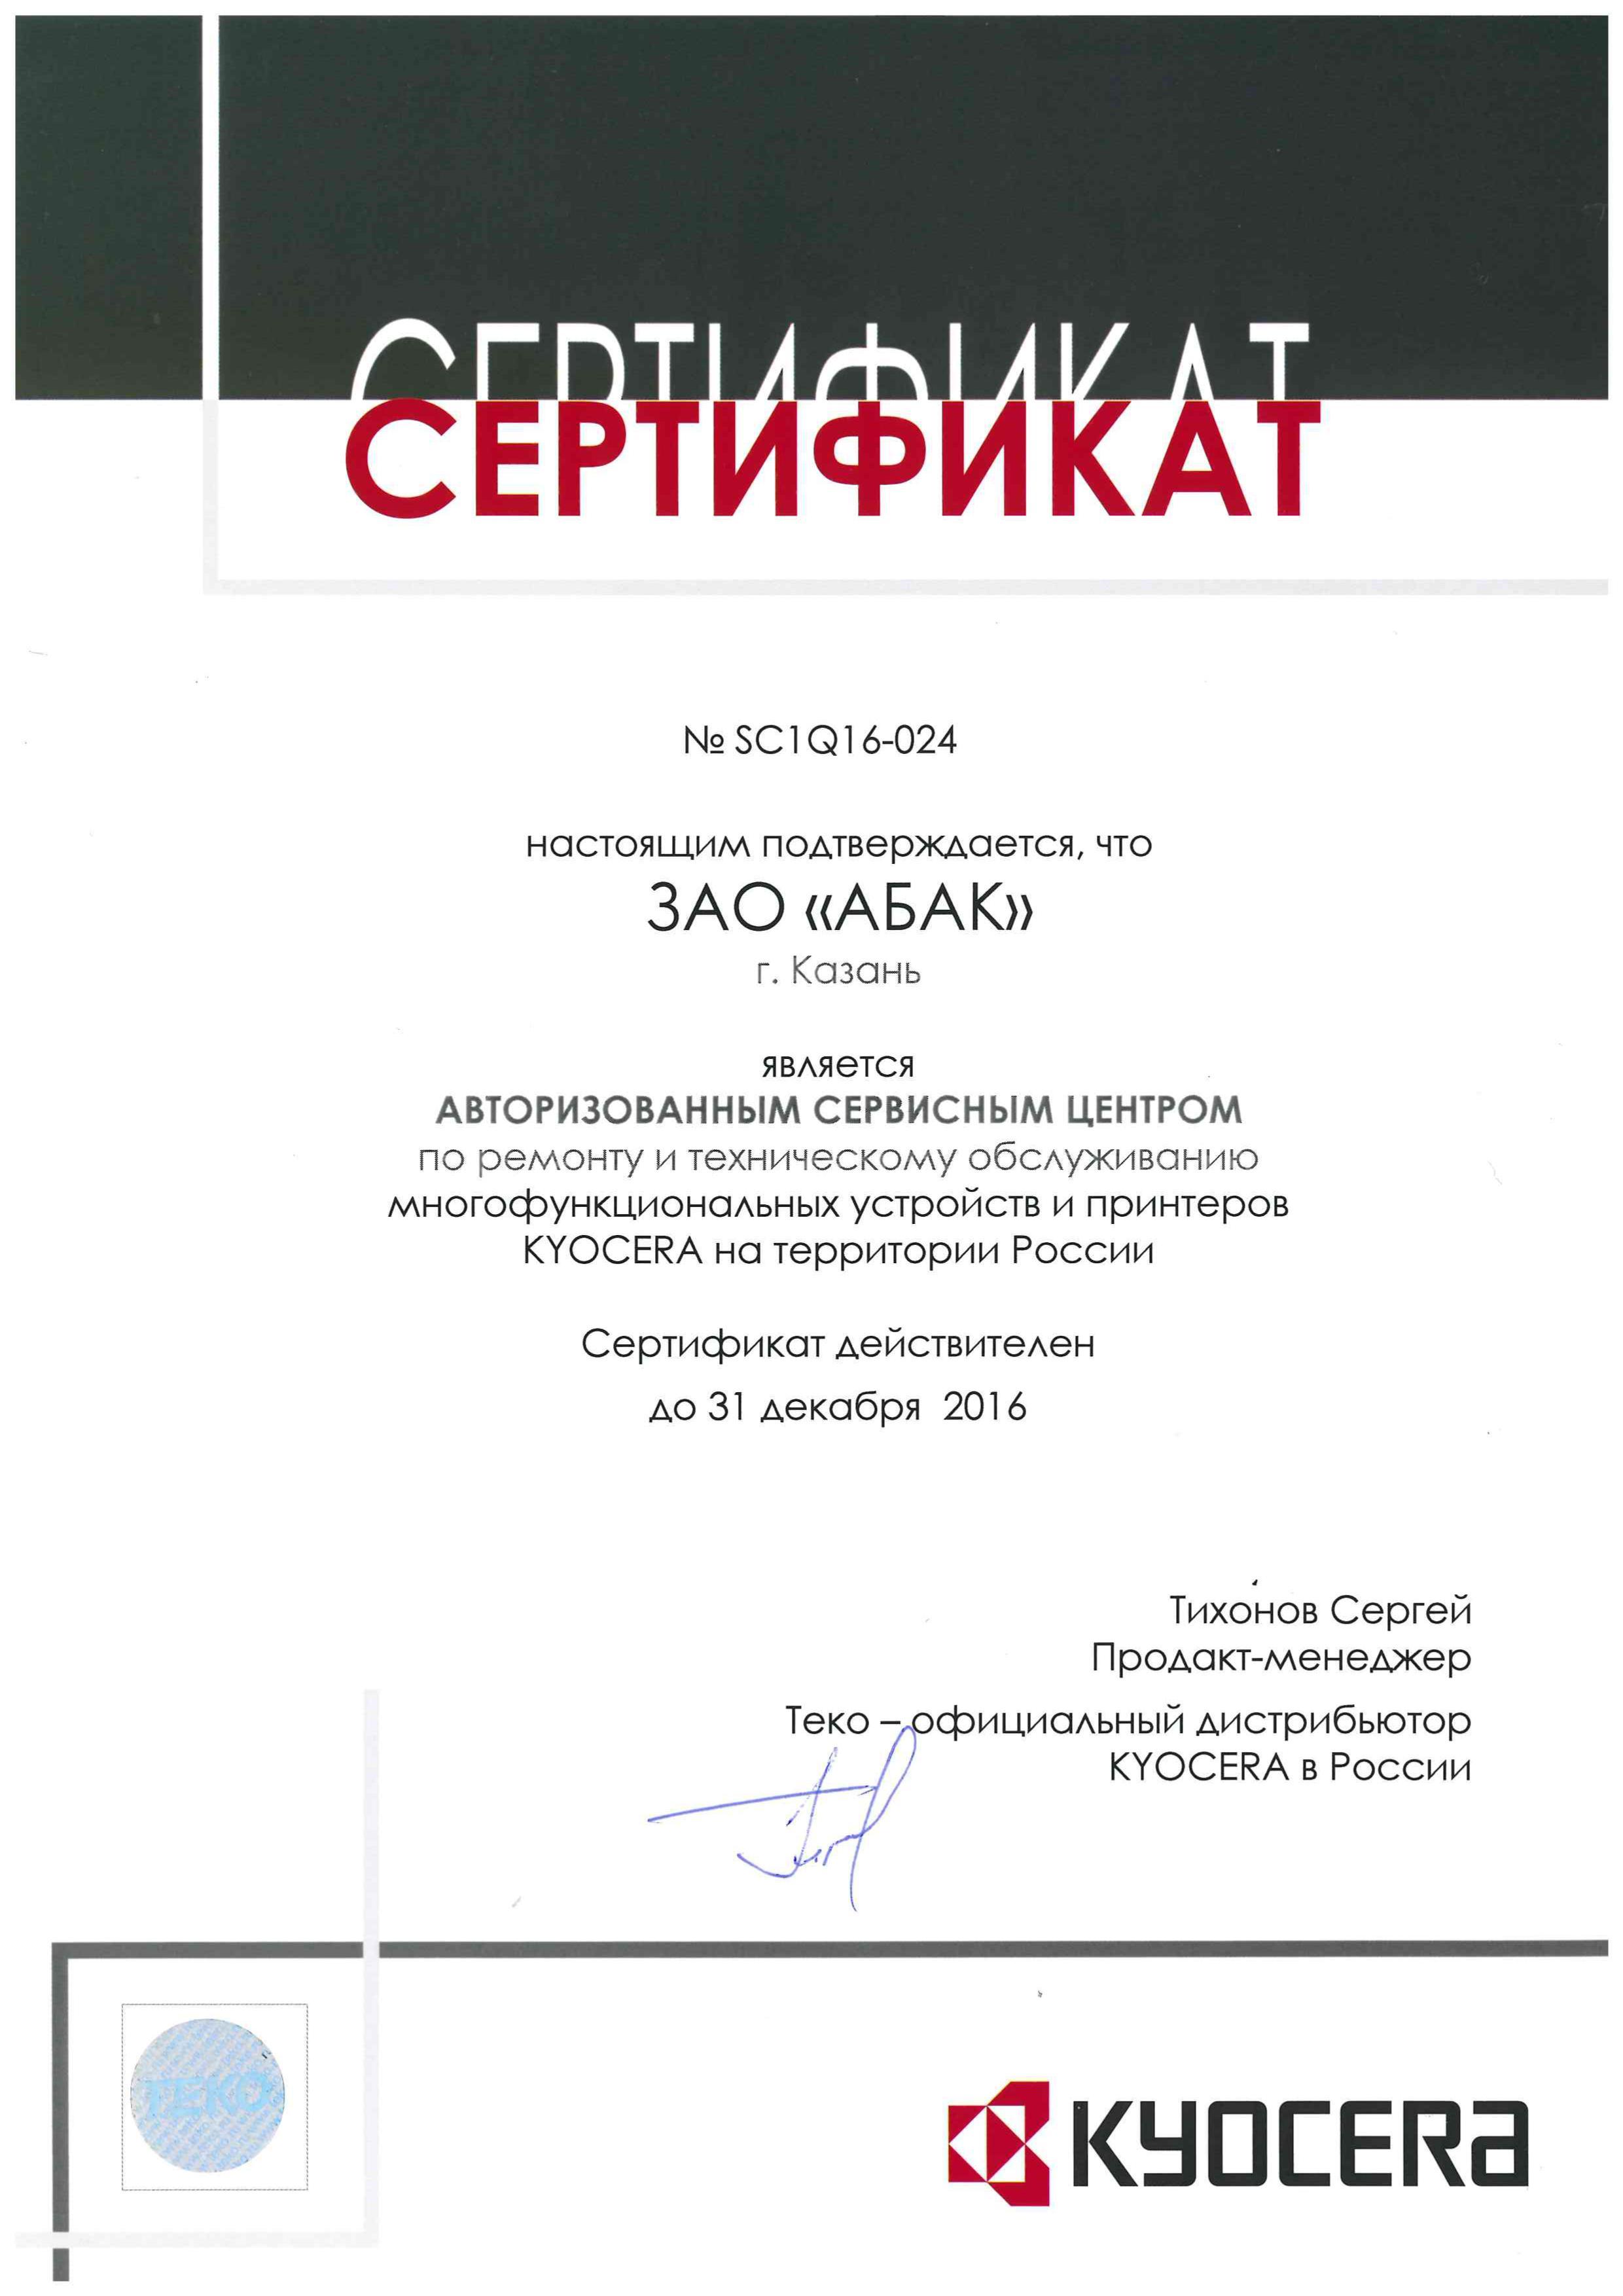 Авторизованный сервисный центр по ремонту и техническому обслуживанию многофункциональных устройств и принтеров компании Kyoсera